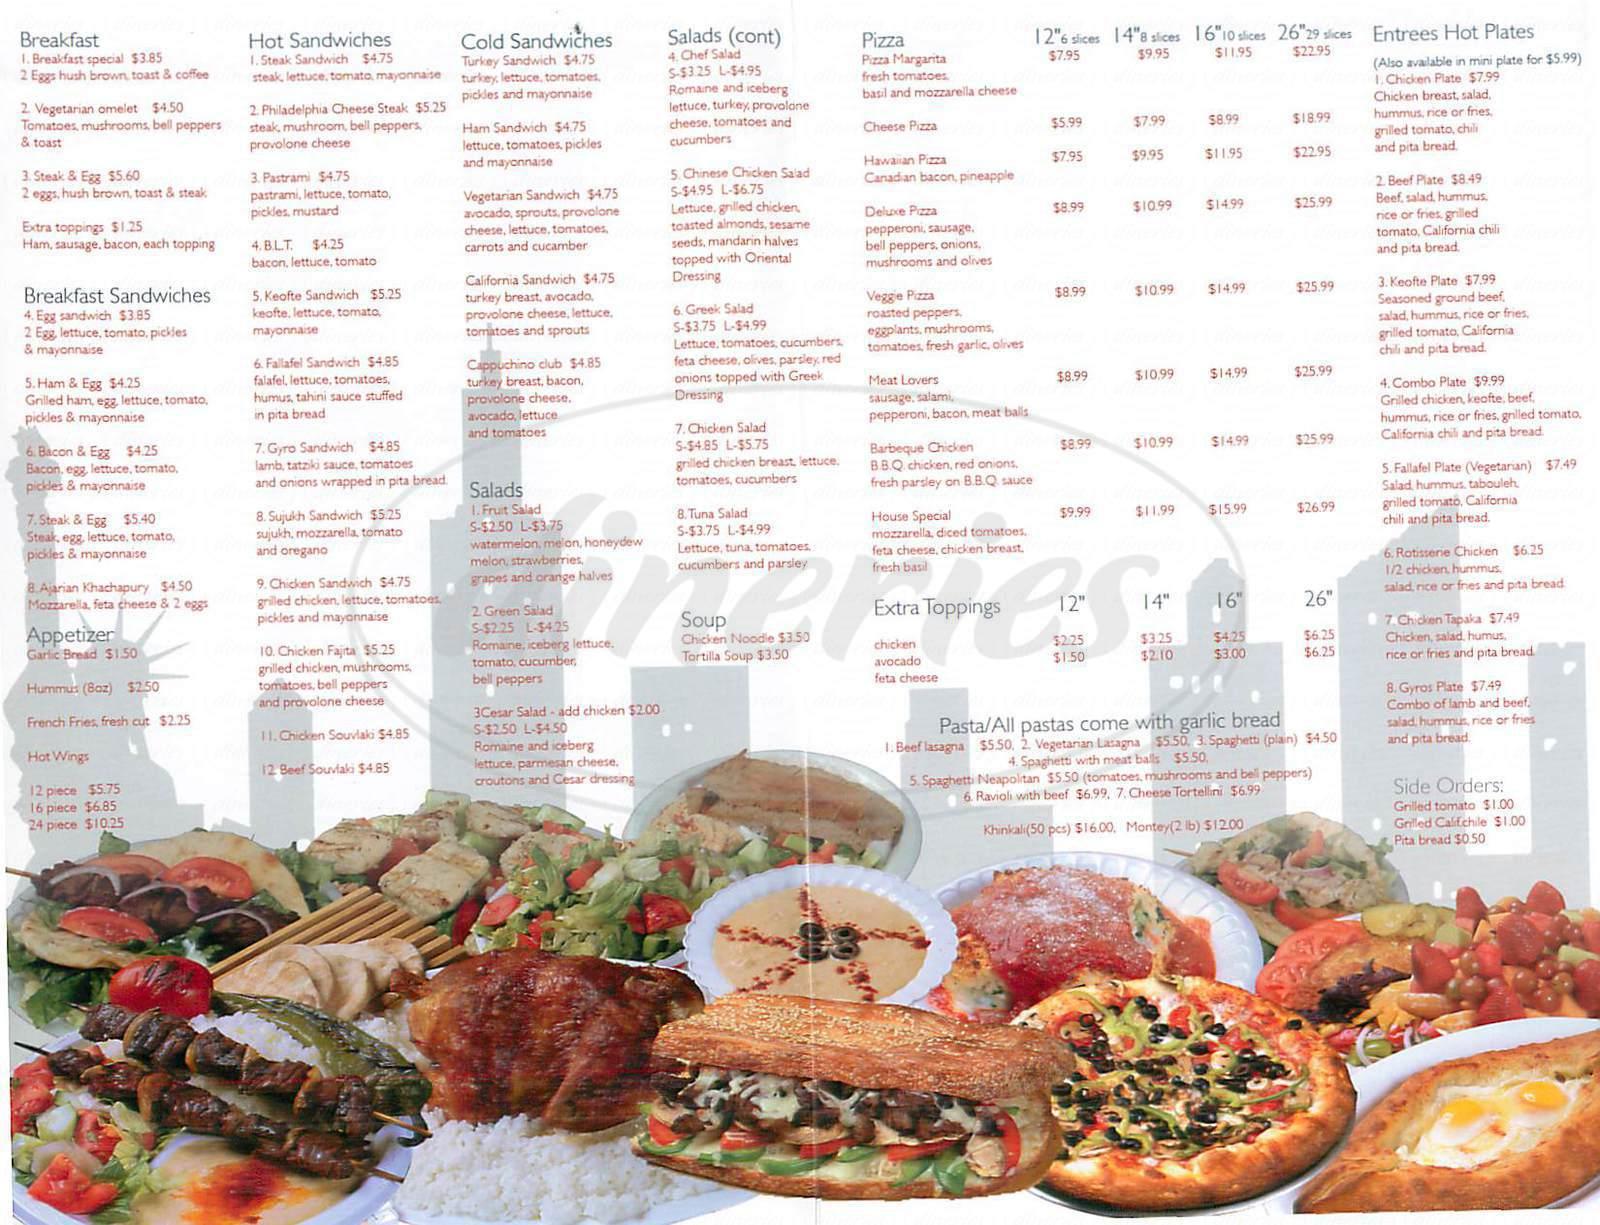 menu for New York Cafe